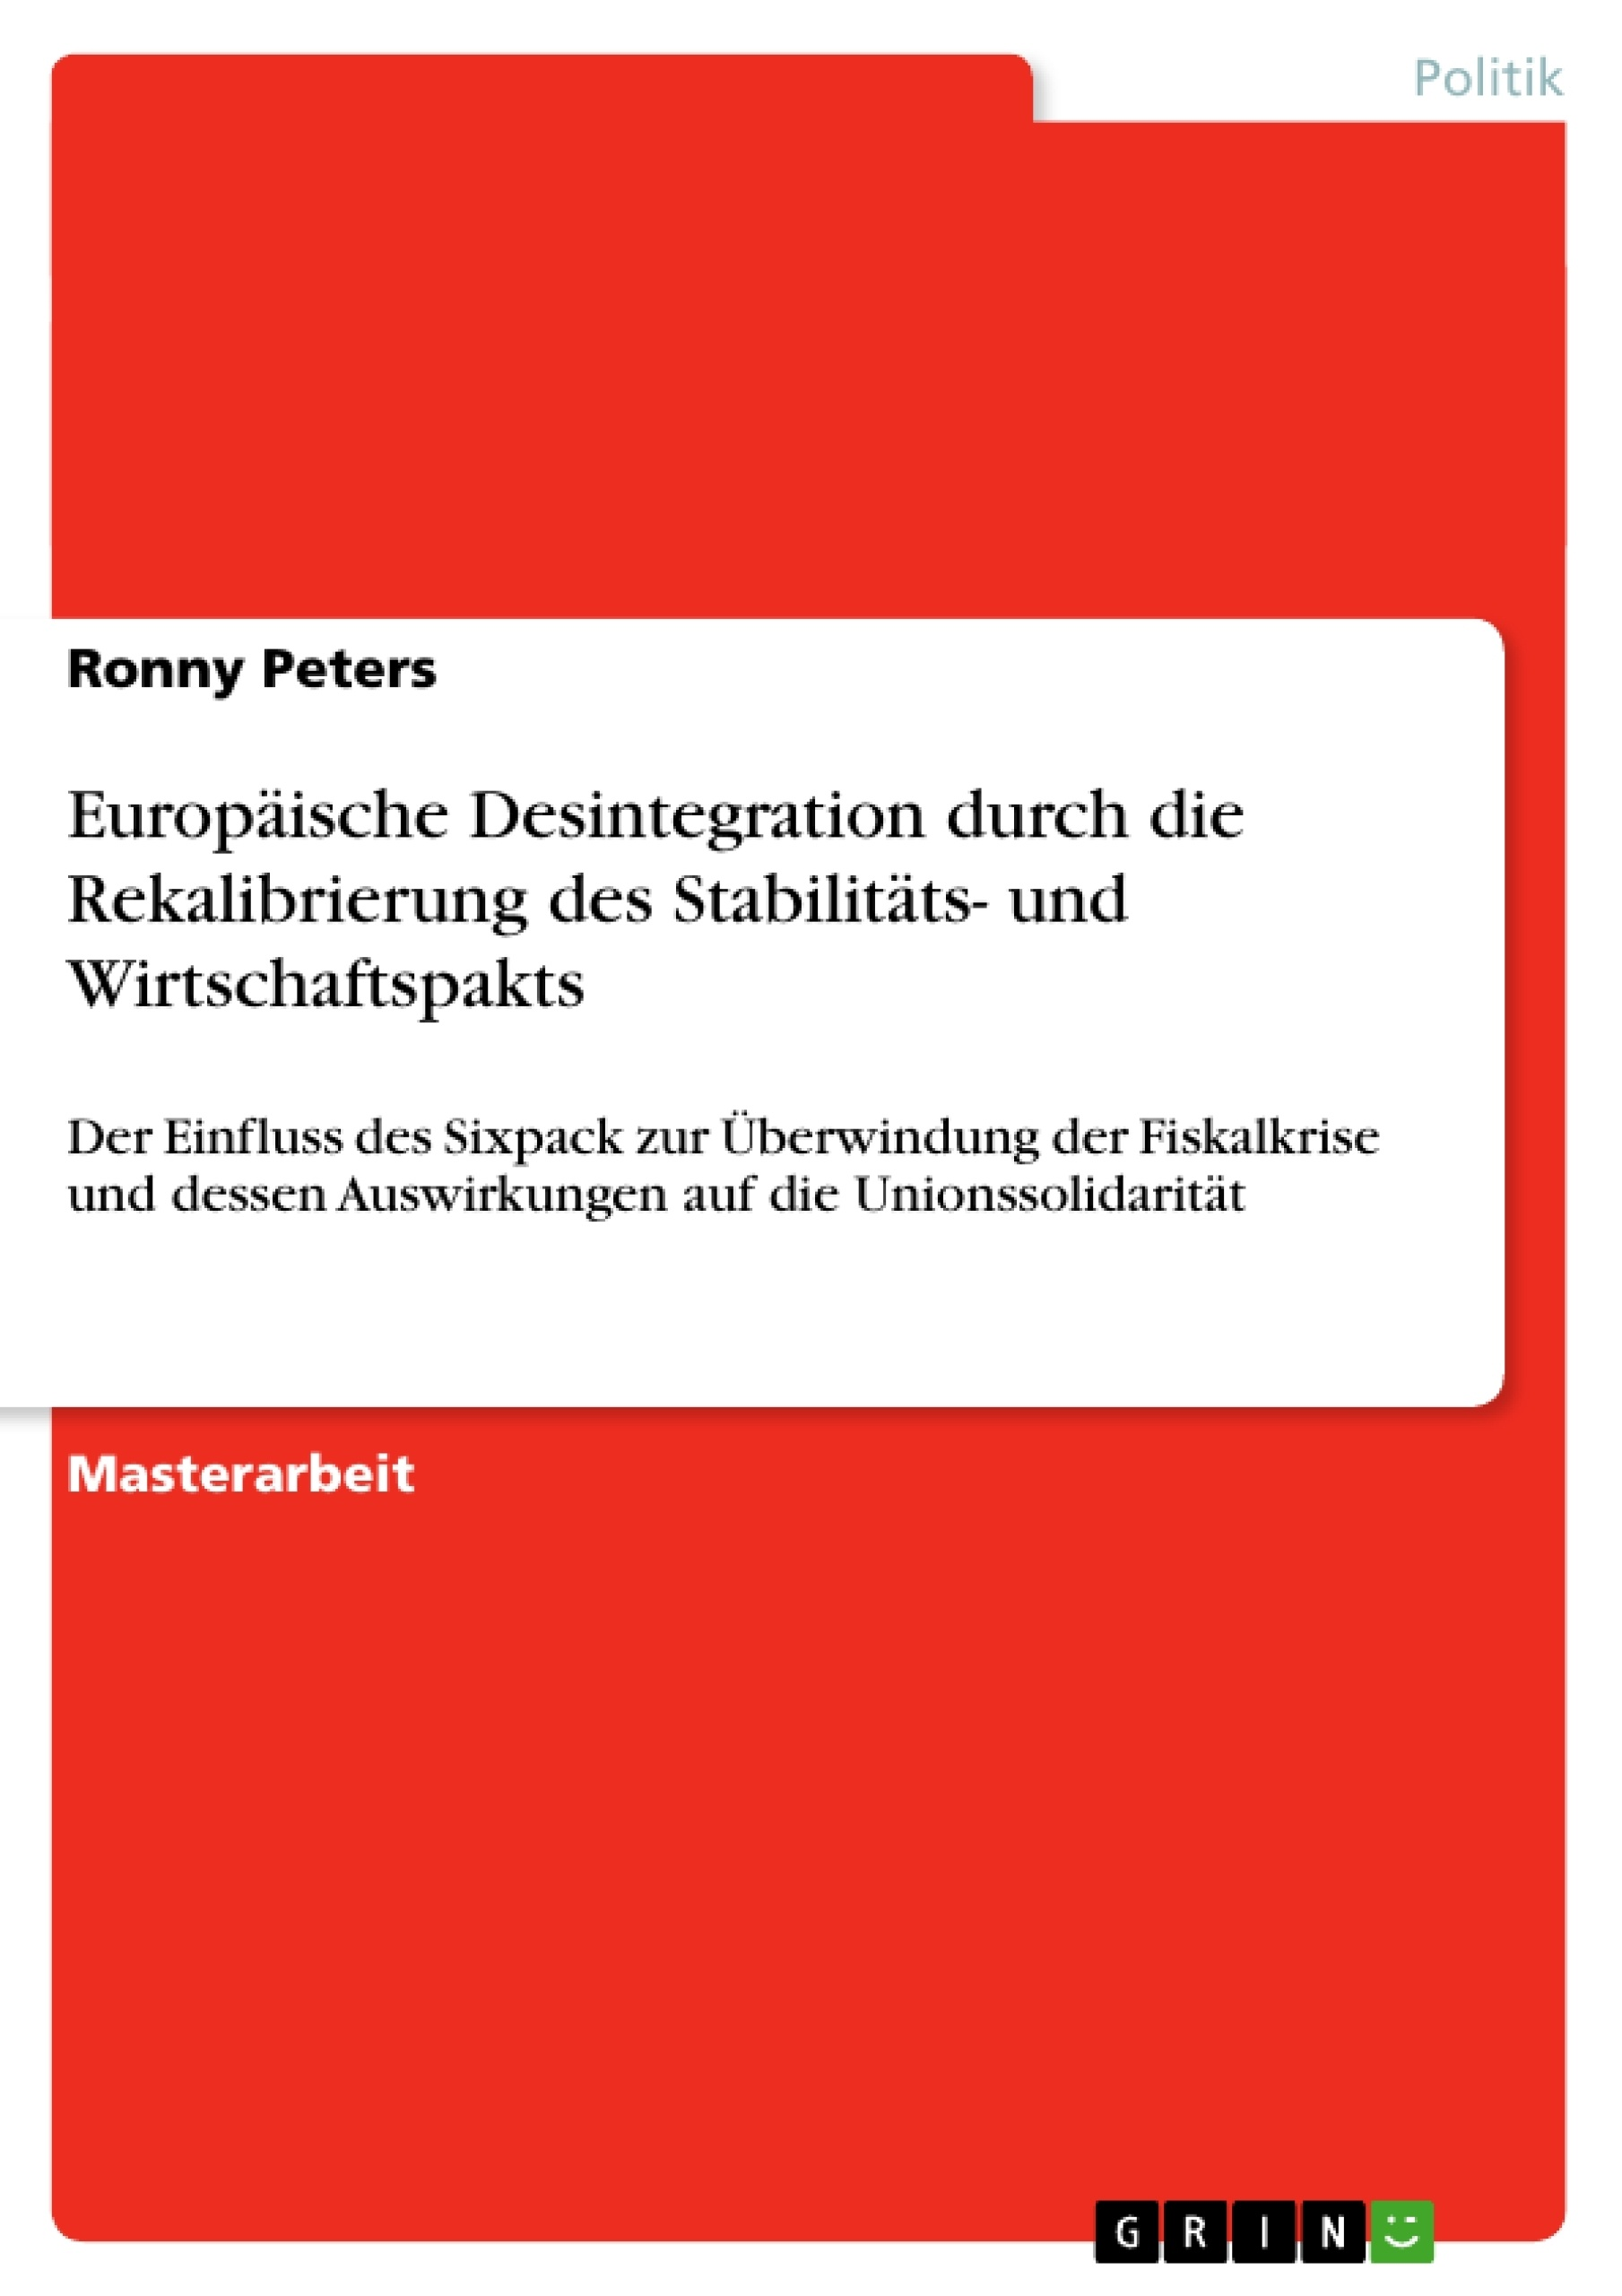 Titel: Europäische Desintegration durch die Rekalibrierung des Stabilitäts- und Wirtschaftspakts